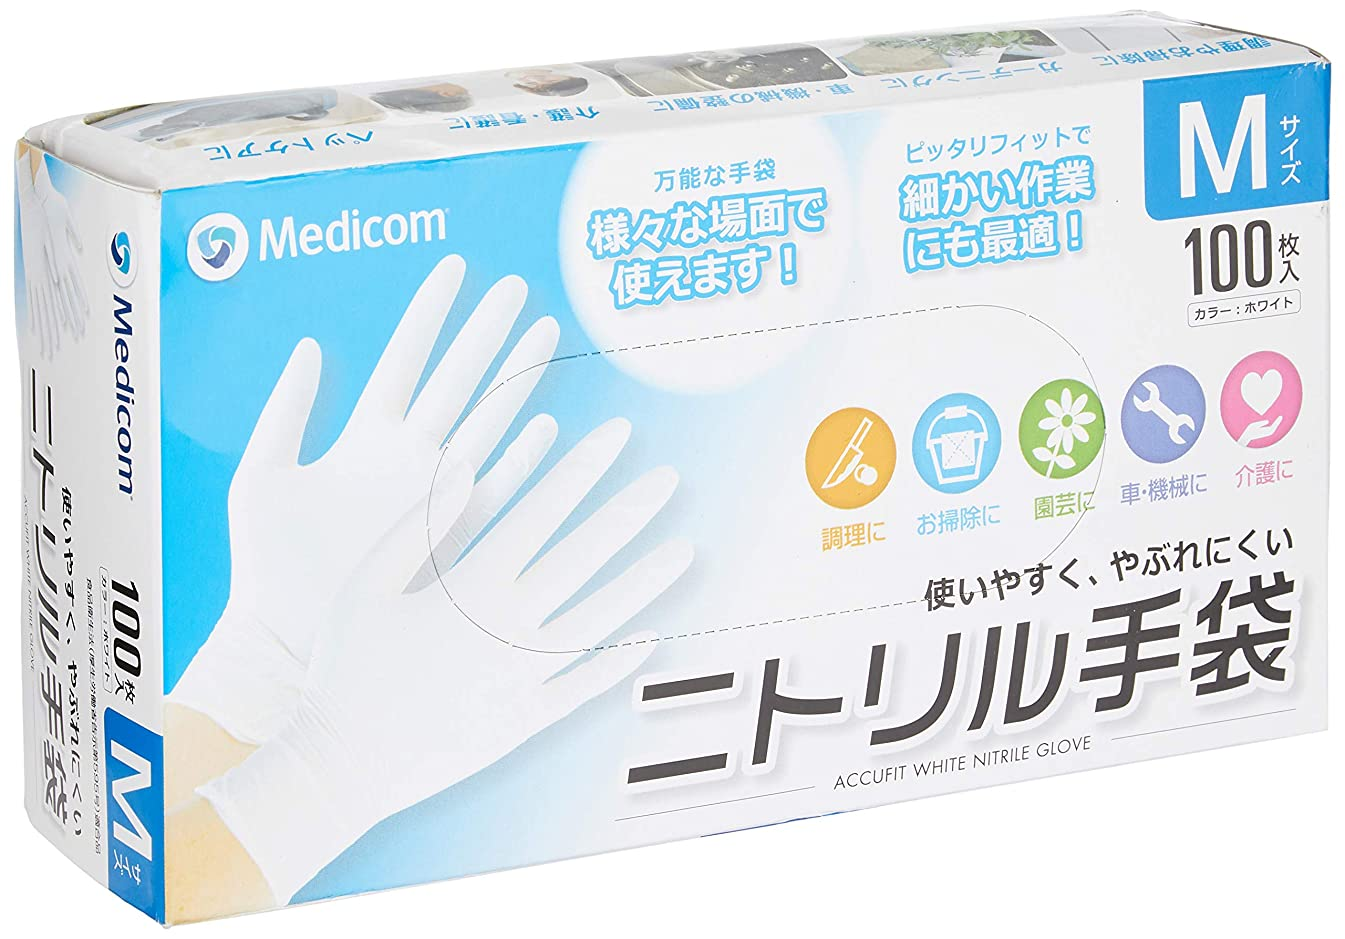 ロビー宿泊施設飲み込むアキュフィット ホワイト ニトリル手袋 Mサイズ ACFJN1284C